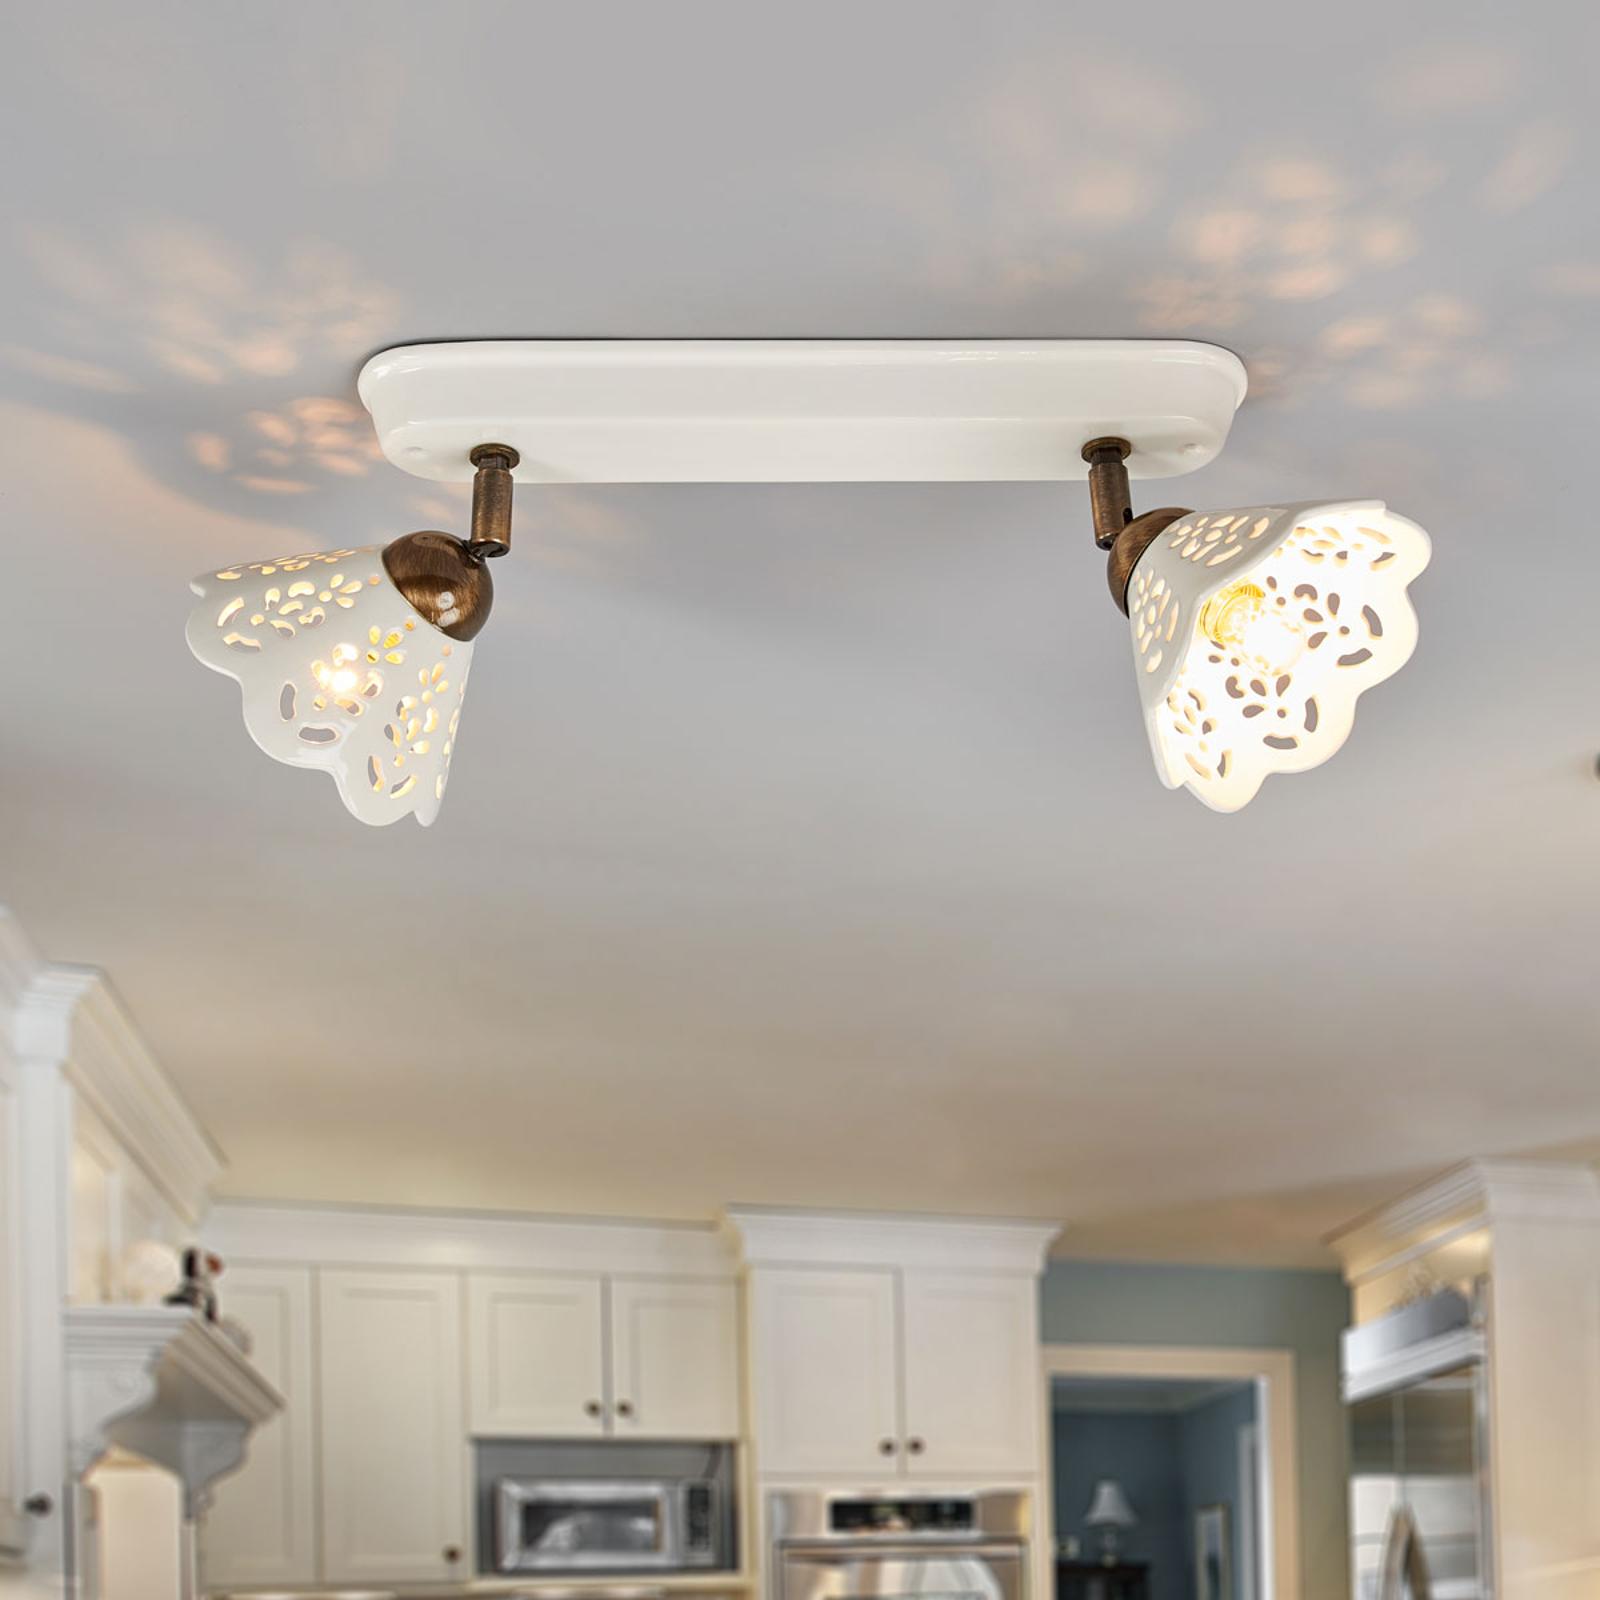 Henrivende væg-/loftlampe PORTICO, med 2 lyskilder